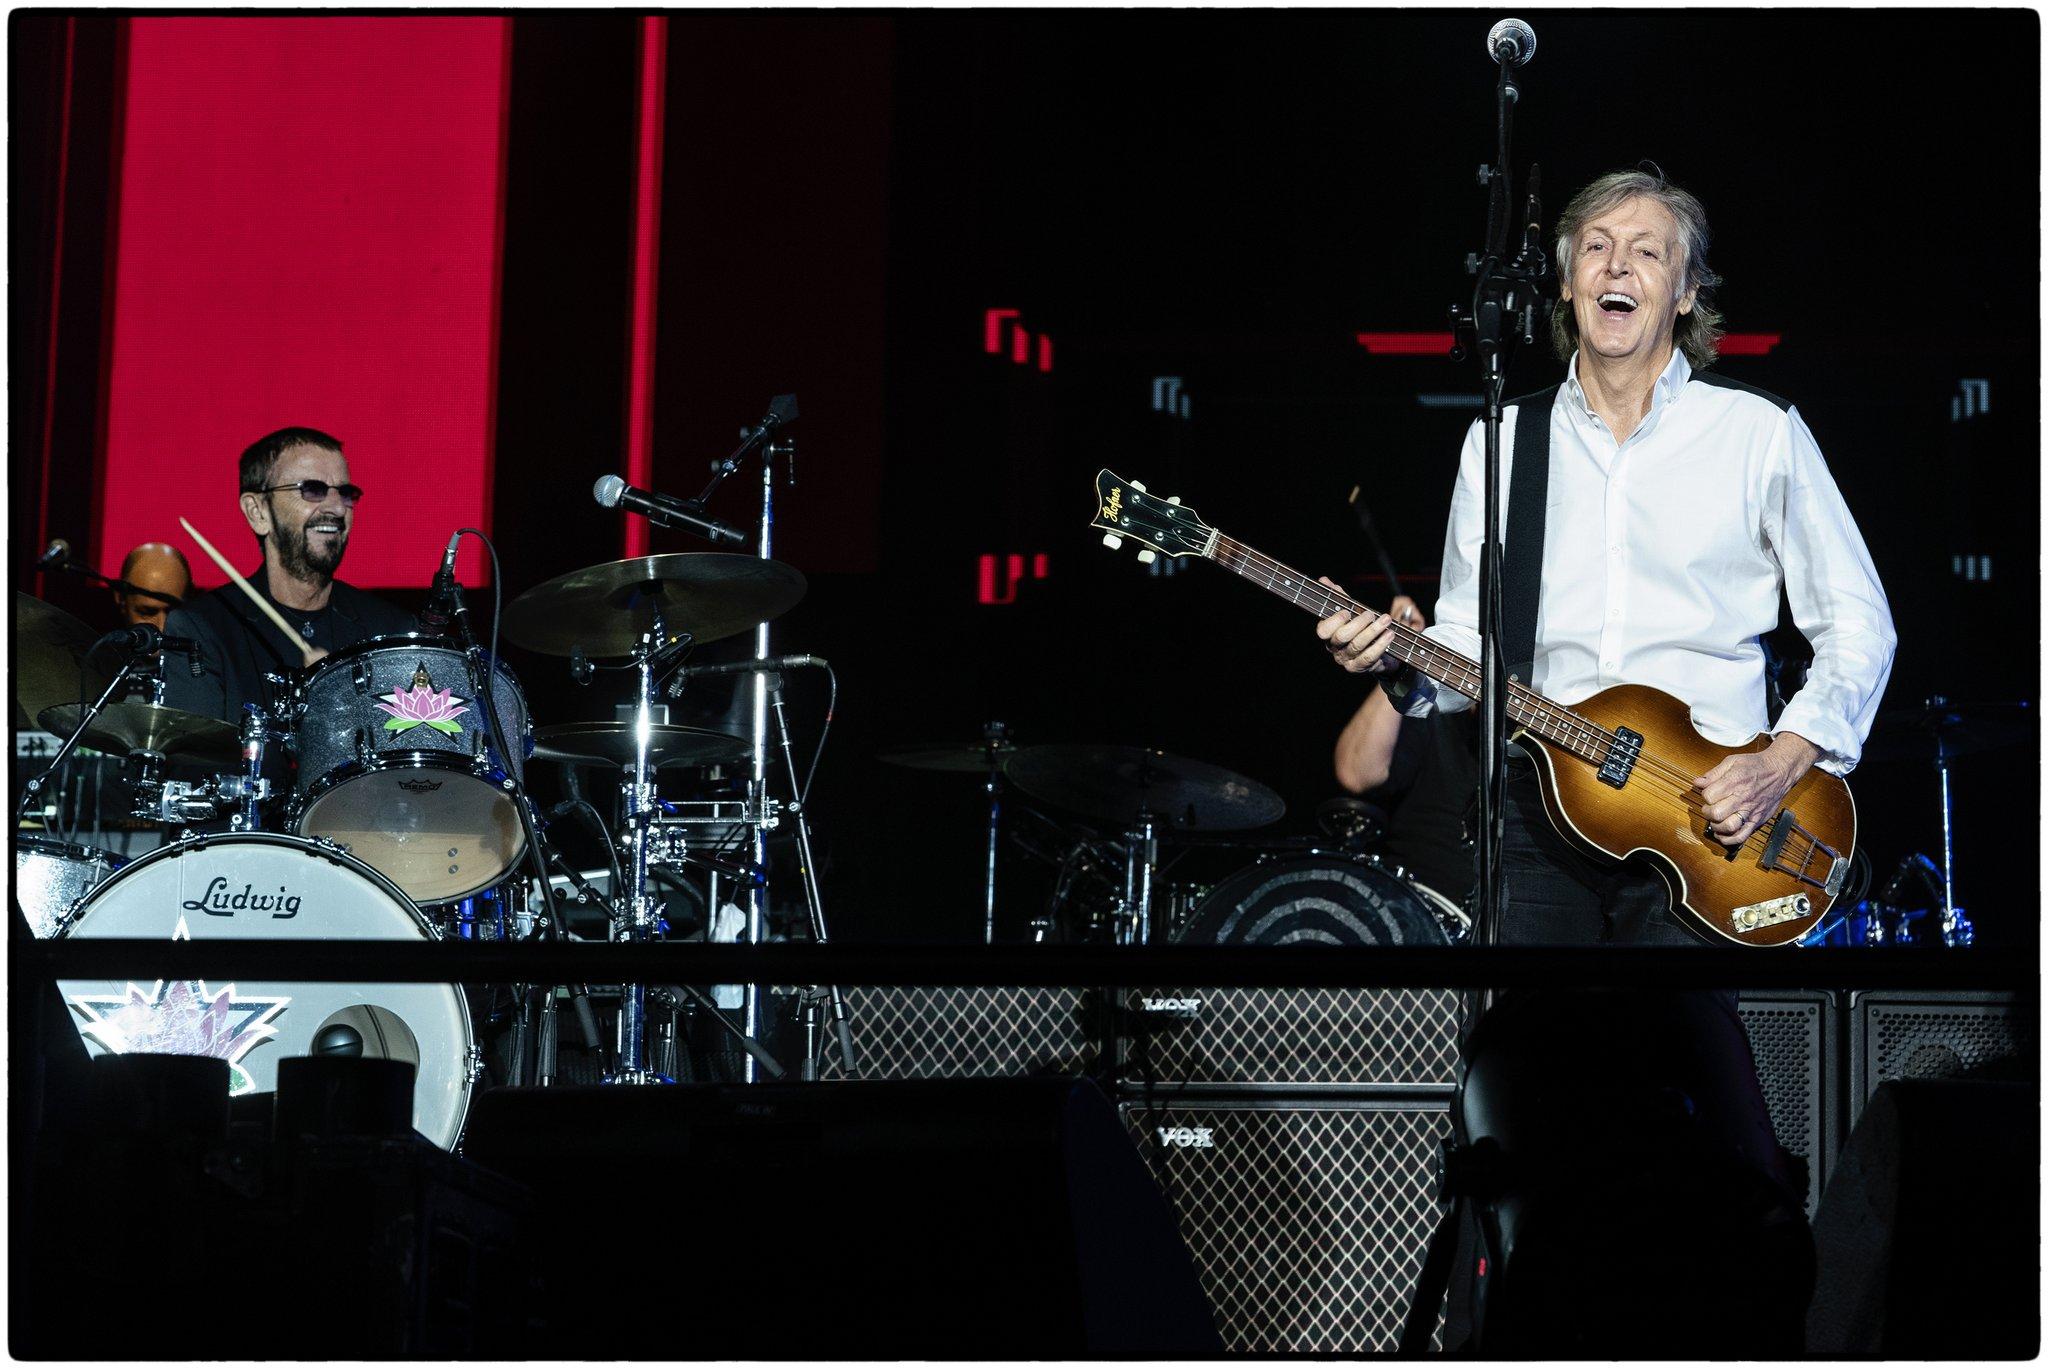 Ringo Starr faz participação surpresa em show de Paul McCartney; veja vídeos